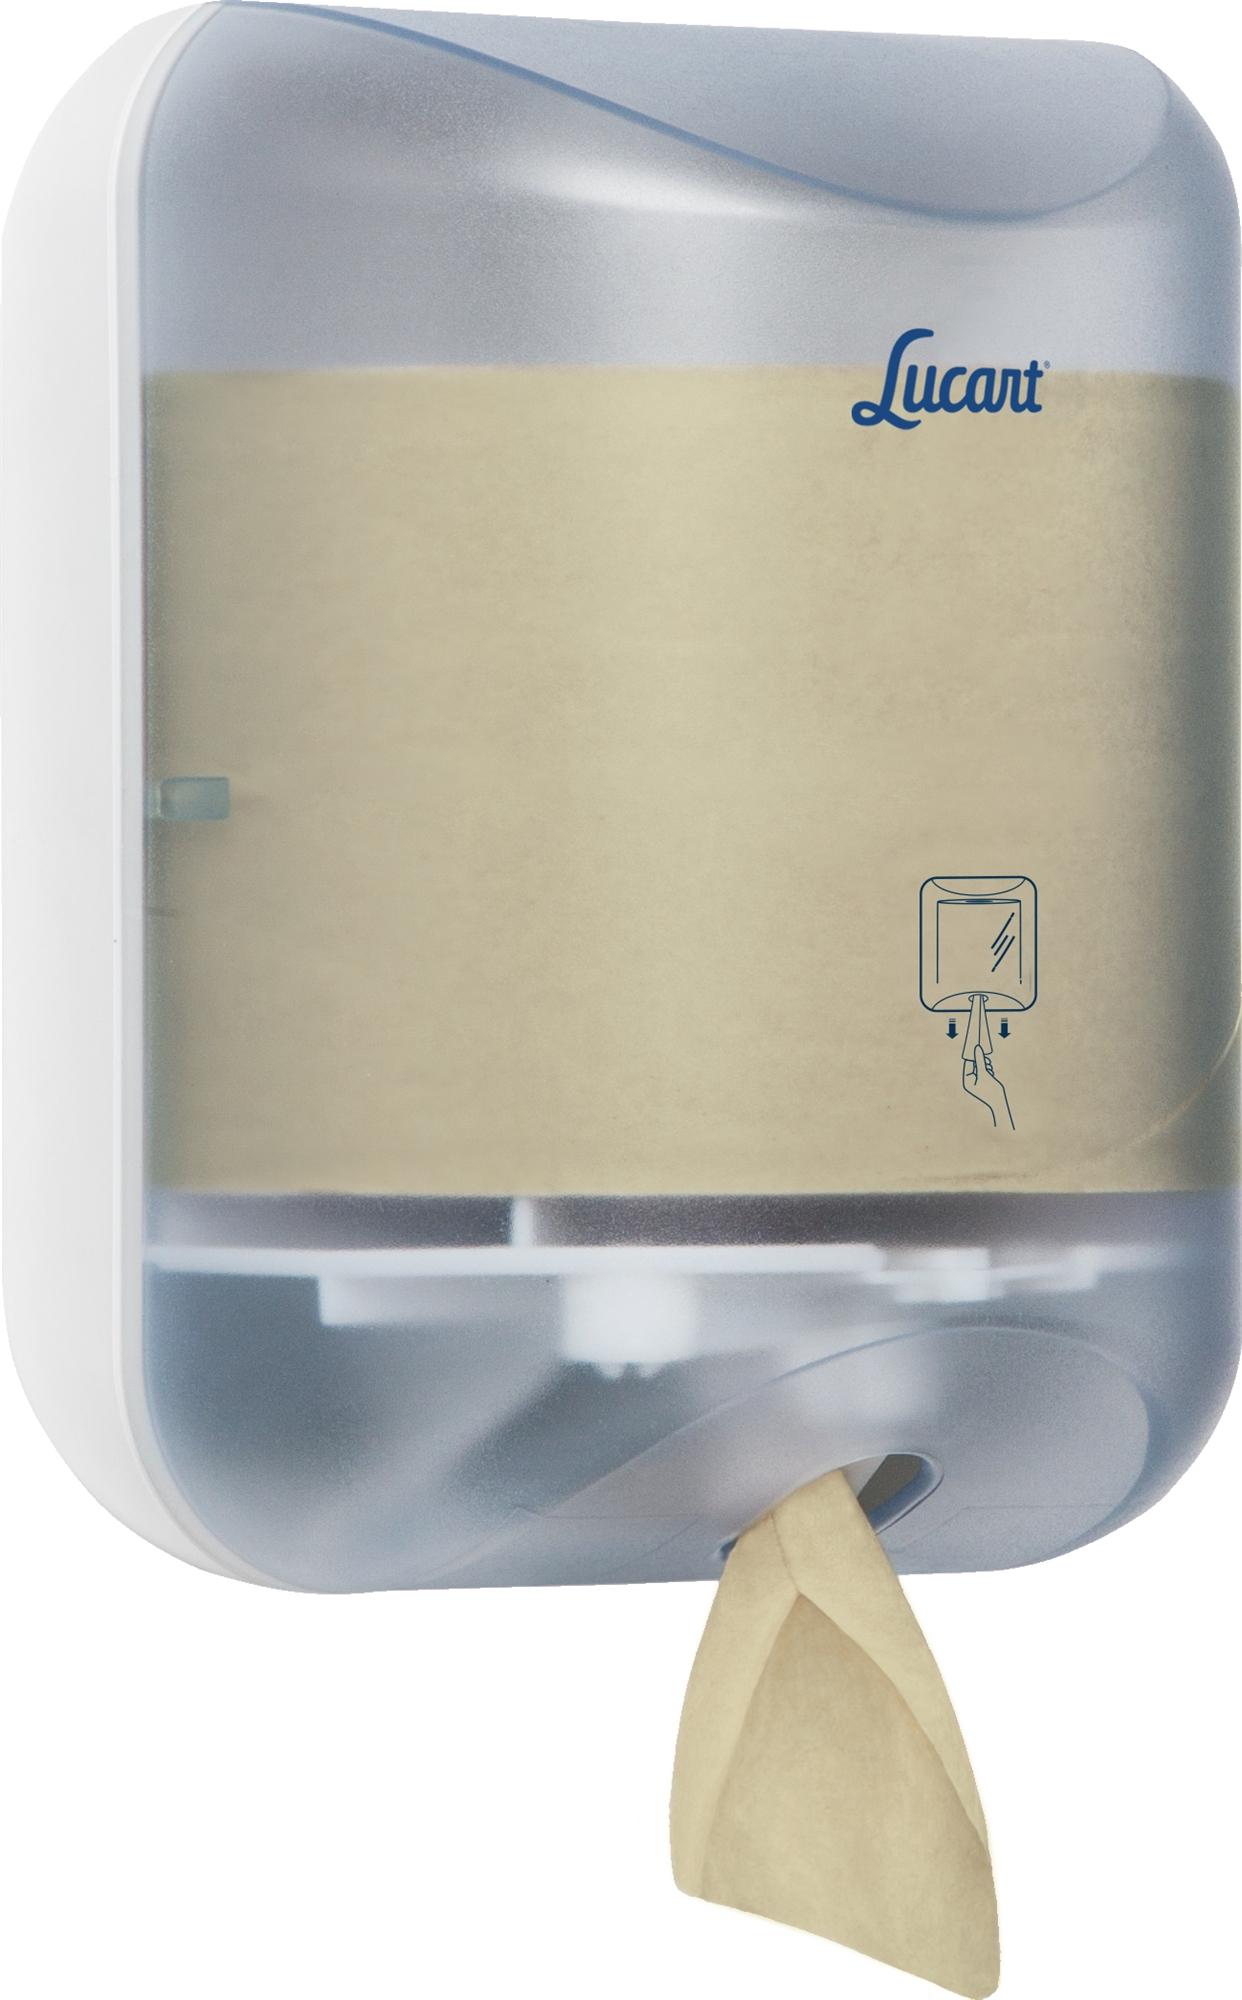 distributeur papier toilette feuille a feuille l one lucart. Black Bedroom Furniture Sets. Home Design Ideas